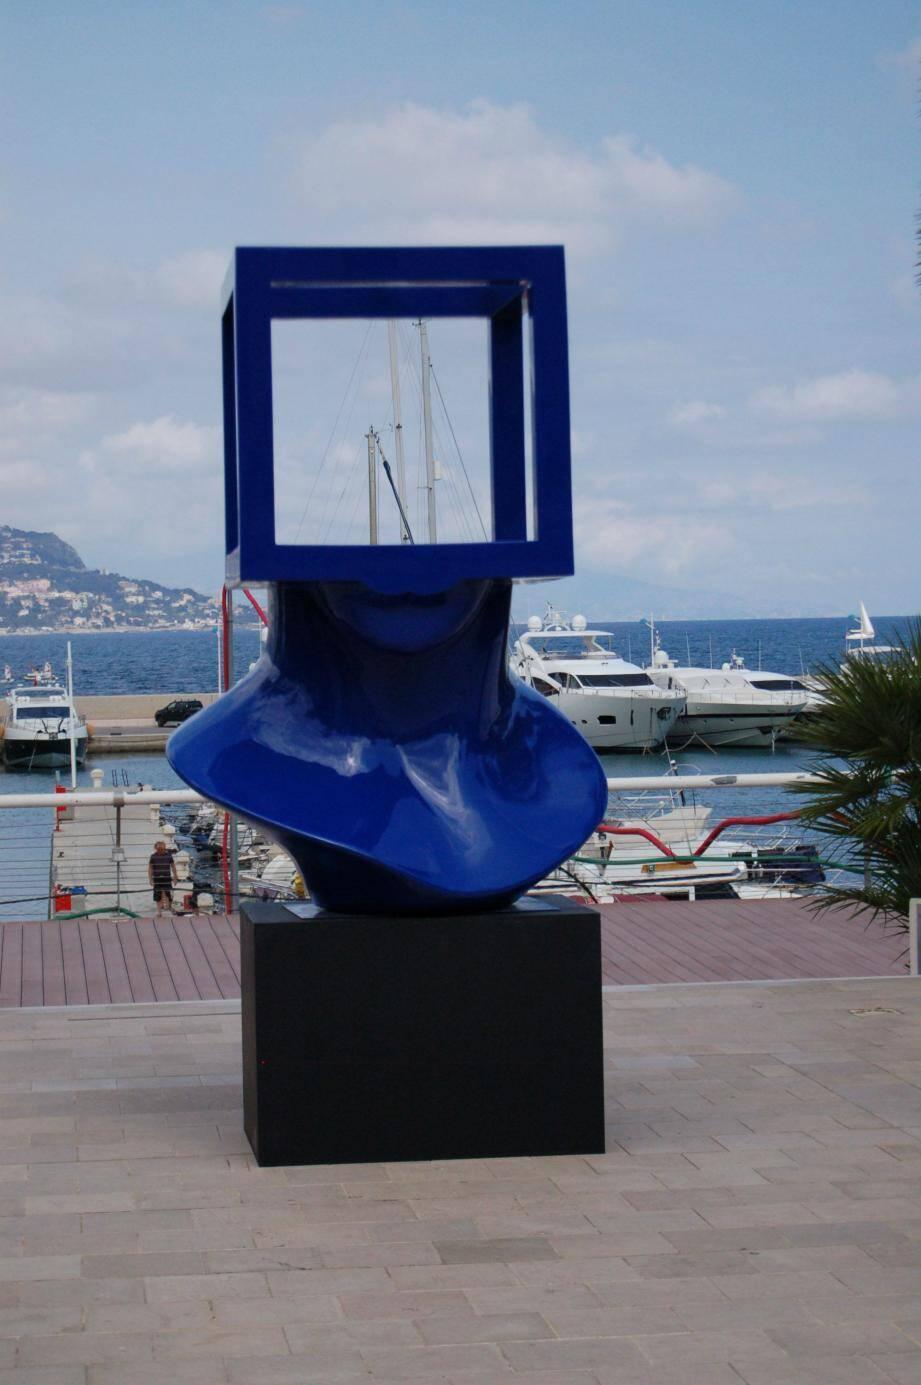 La Ville se porte acquéreur de la tête bleue de Sosno, qui a connu un beau succès sur les réseaux sociaux.